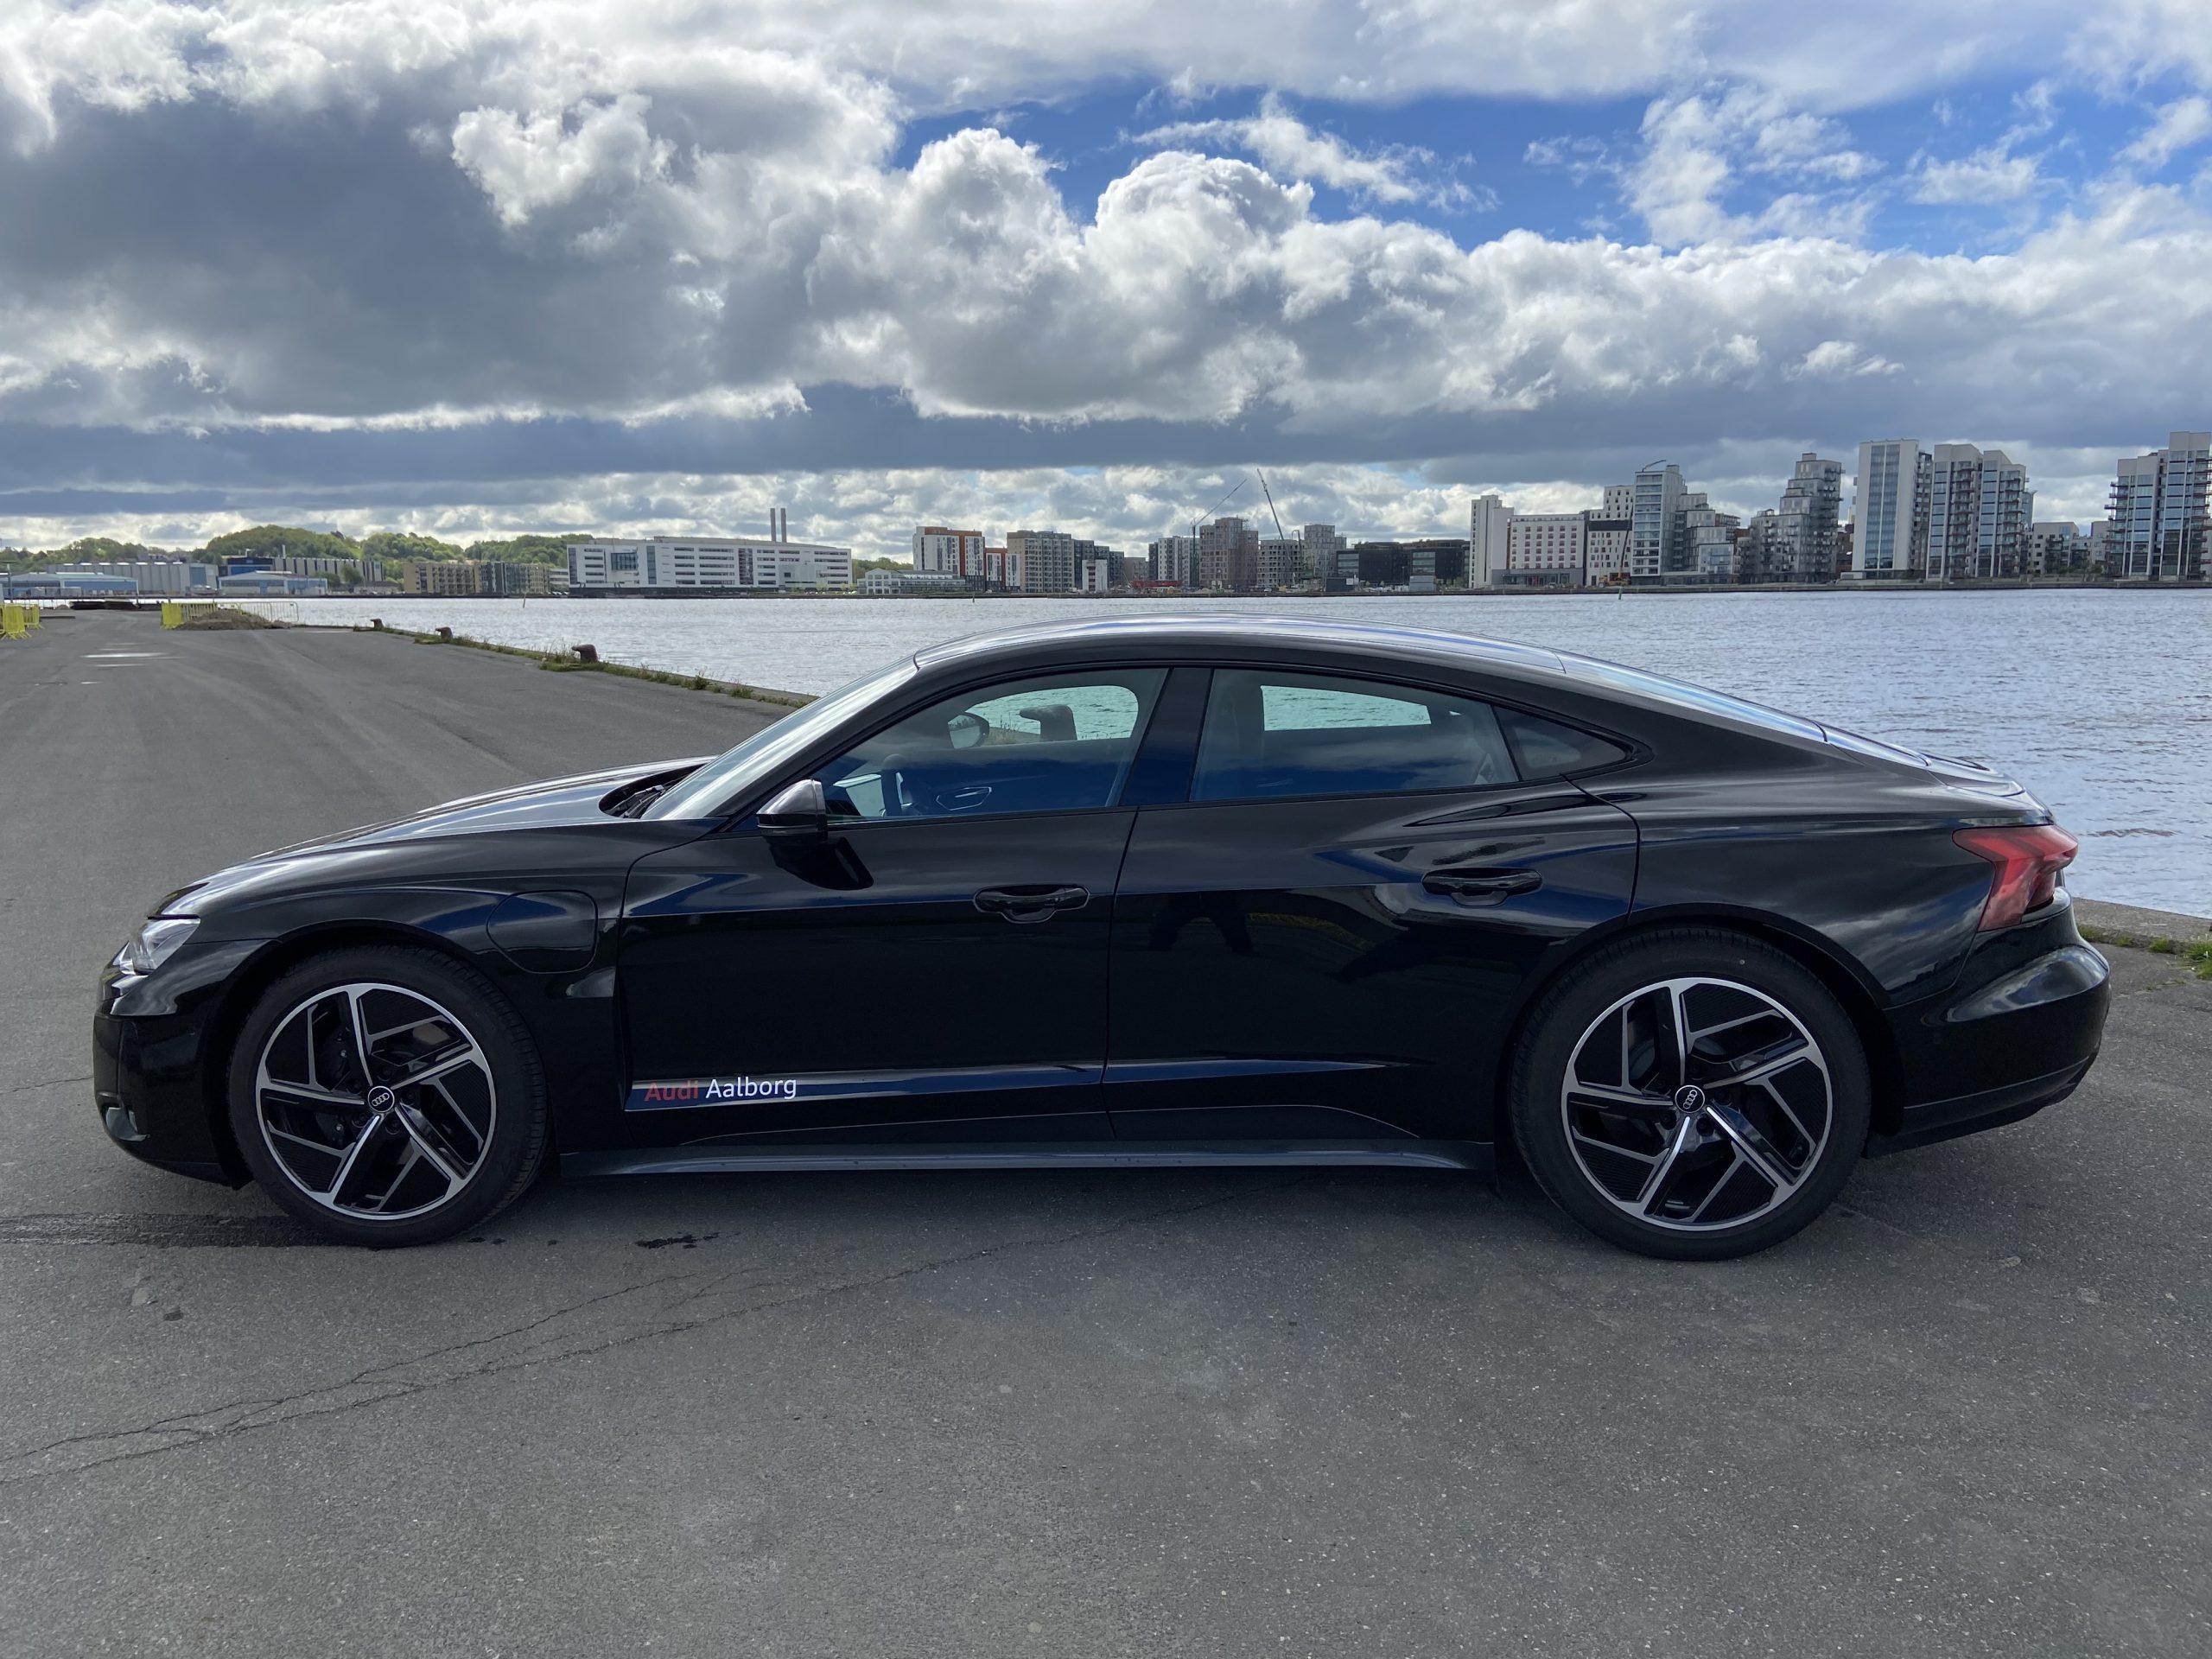 Den er vild: Nu kan du prøve den nye Audi e-tron GT